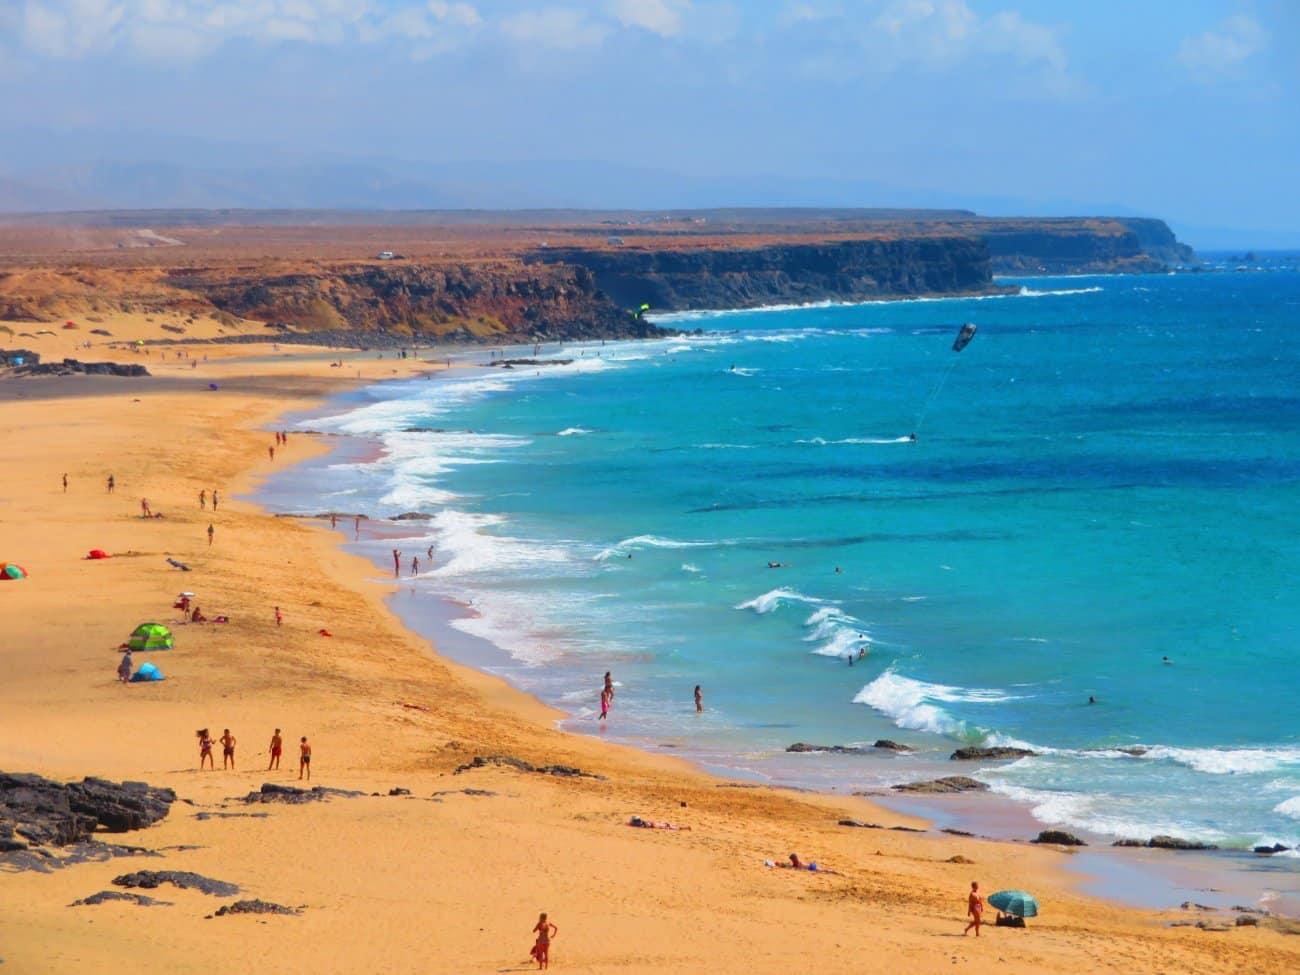 Qué ver en Canarias: Fuerteventura, la isla con playas paradisíacas